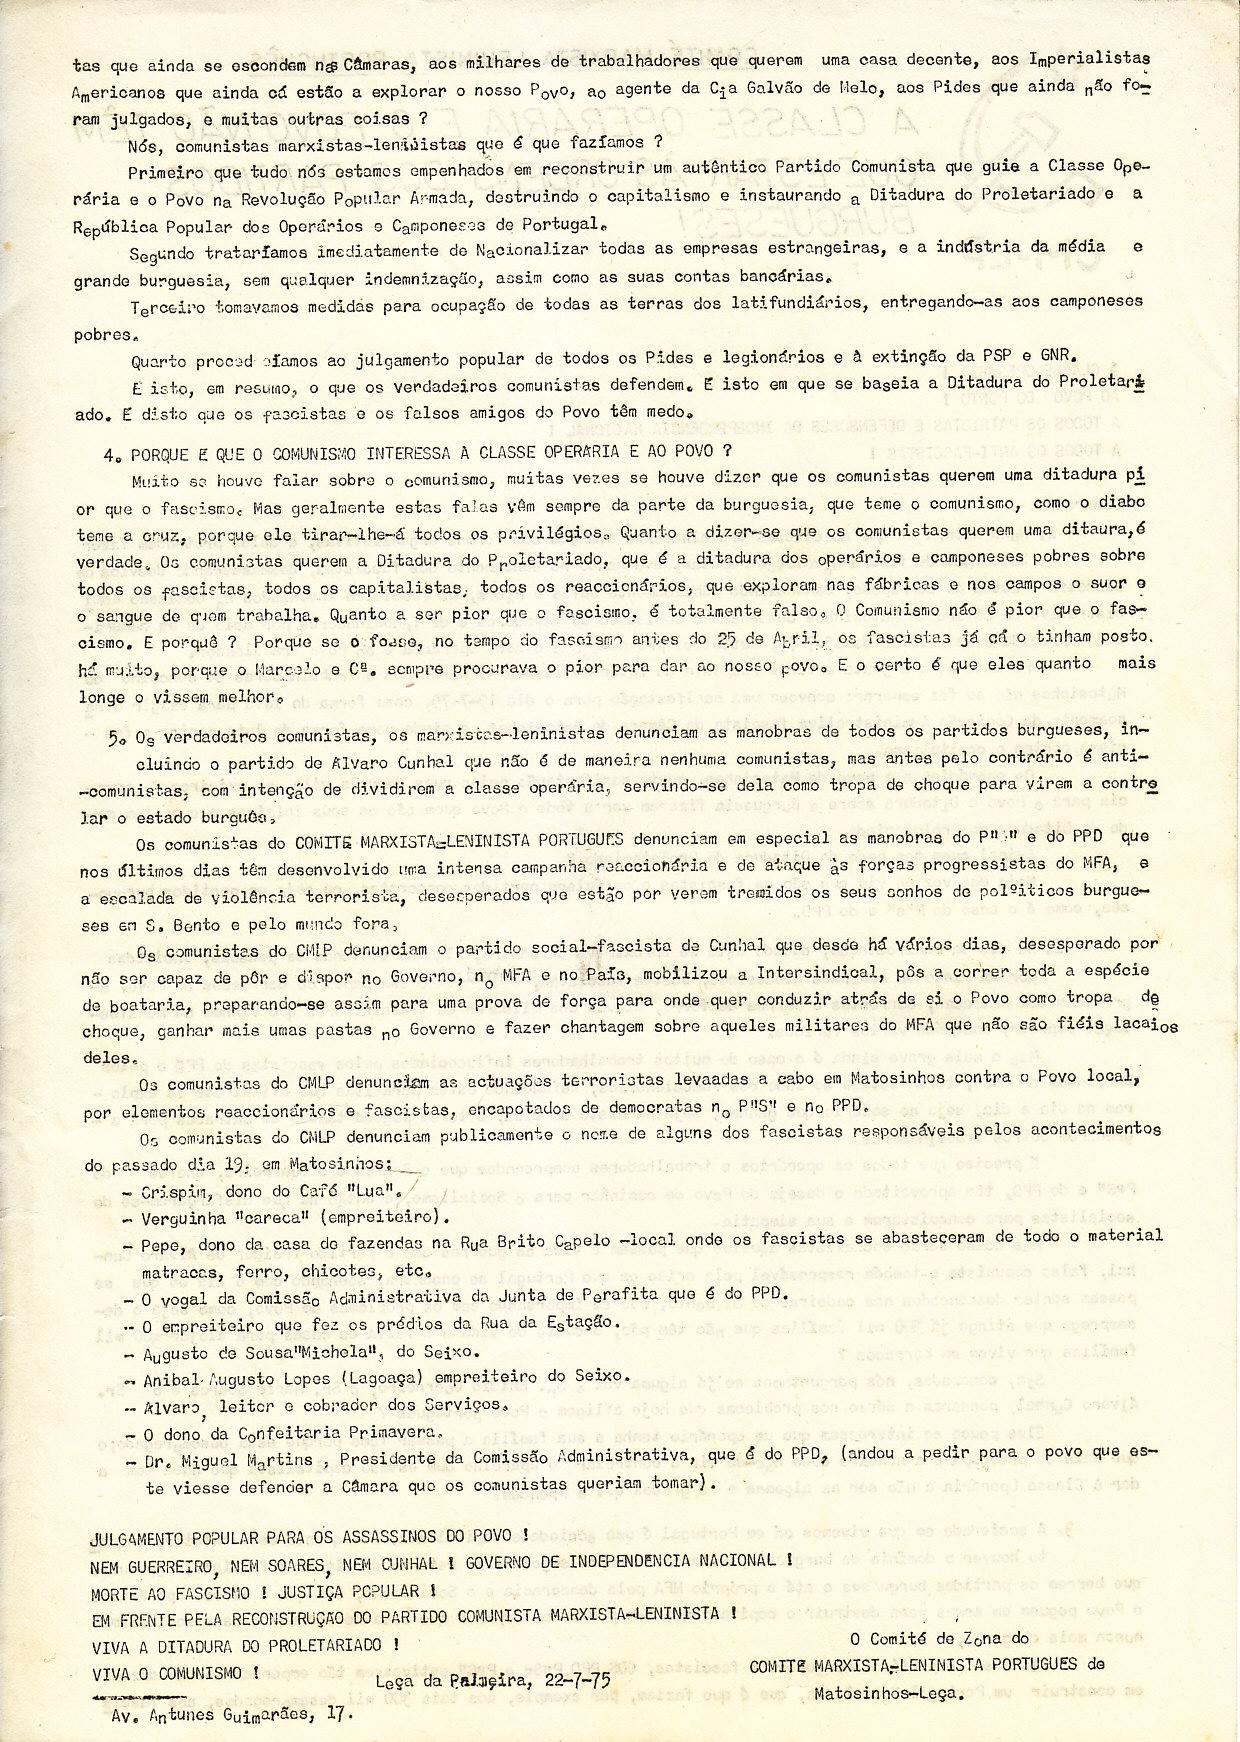 CMLP_Leca_22-7-1975_0002